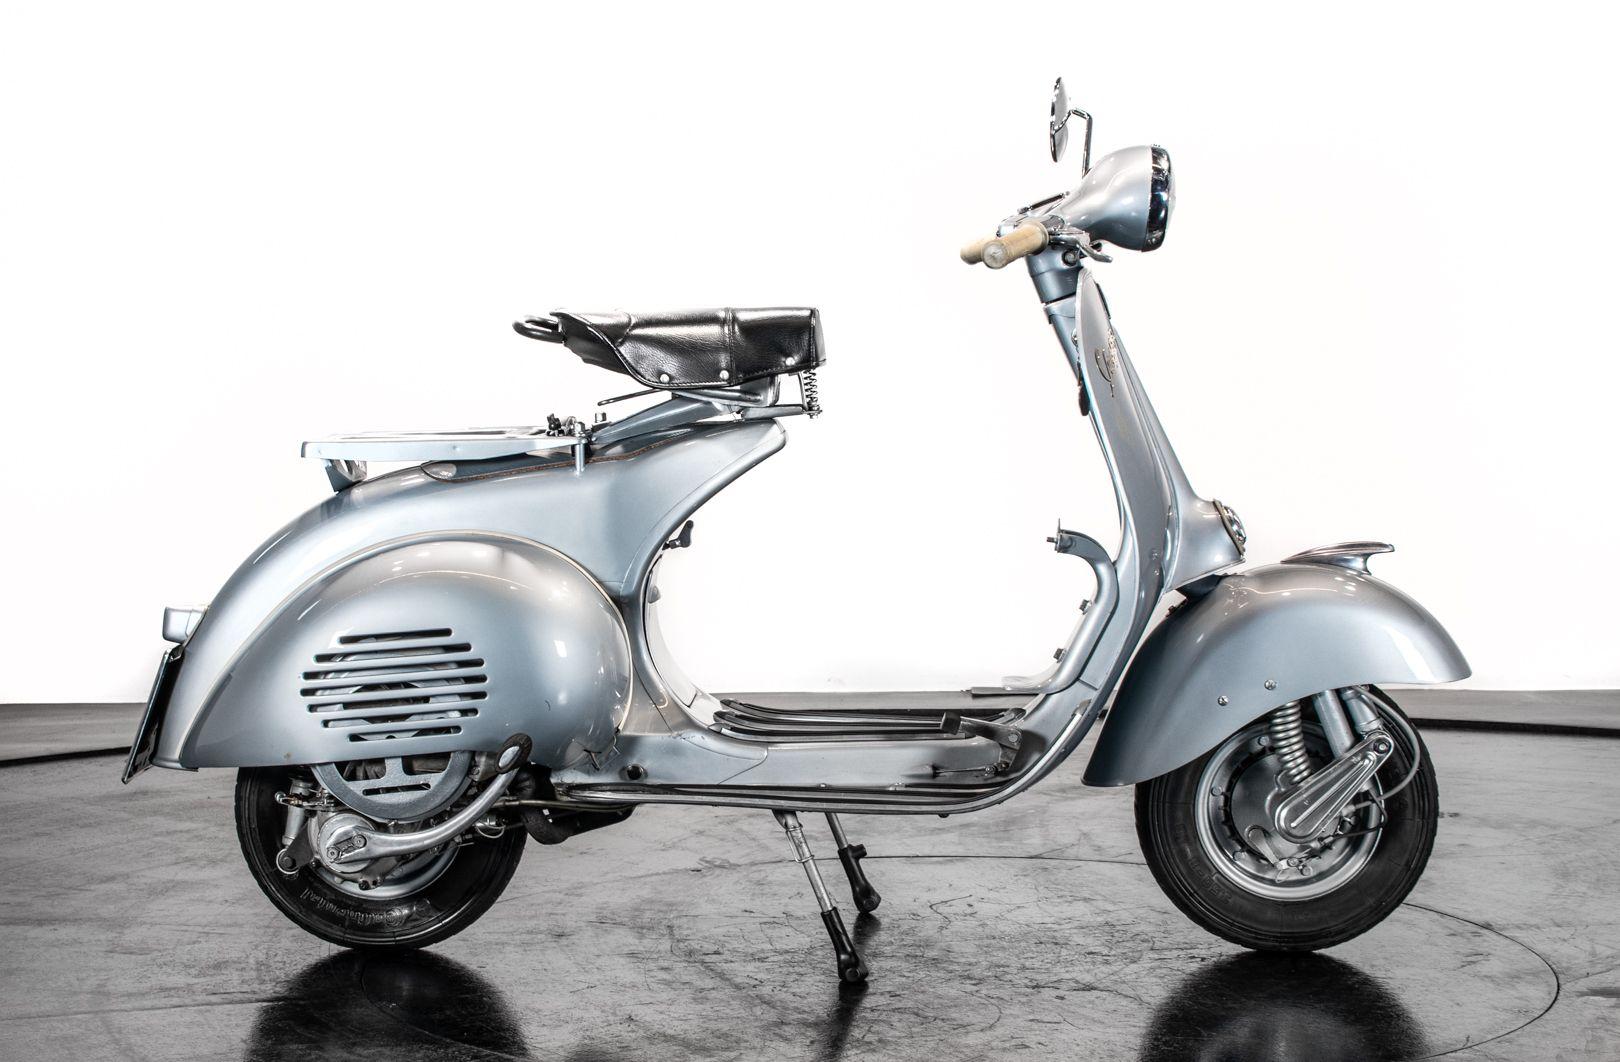 1958 Piaggio Vespa 150 VB1T 69457